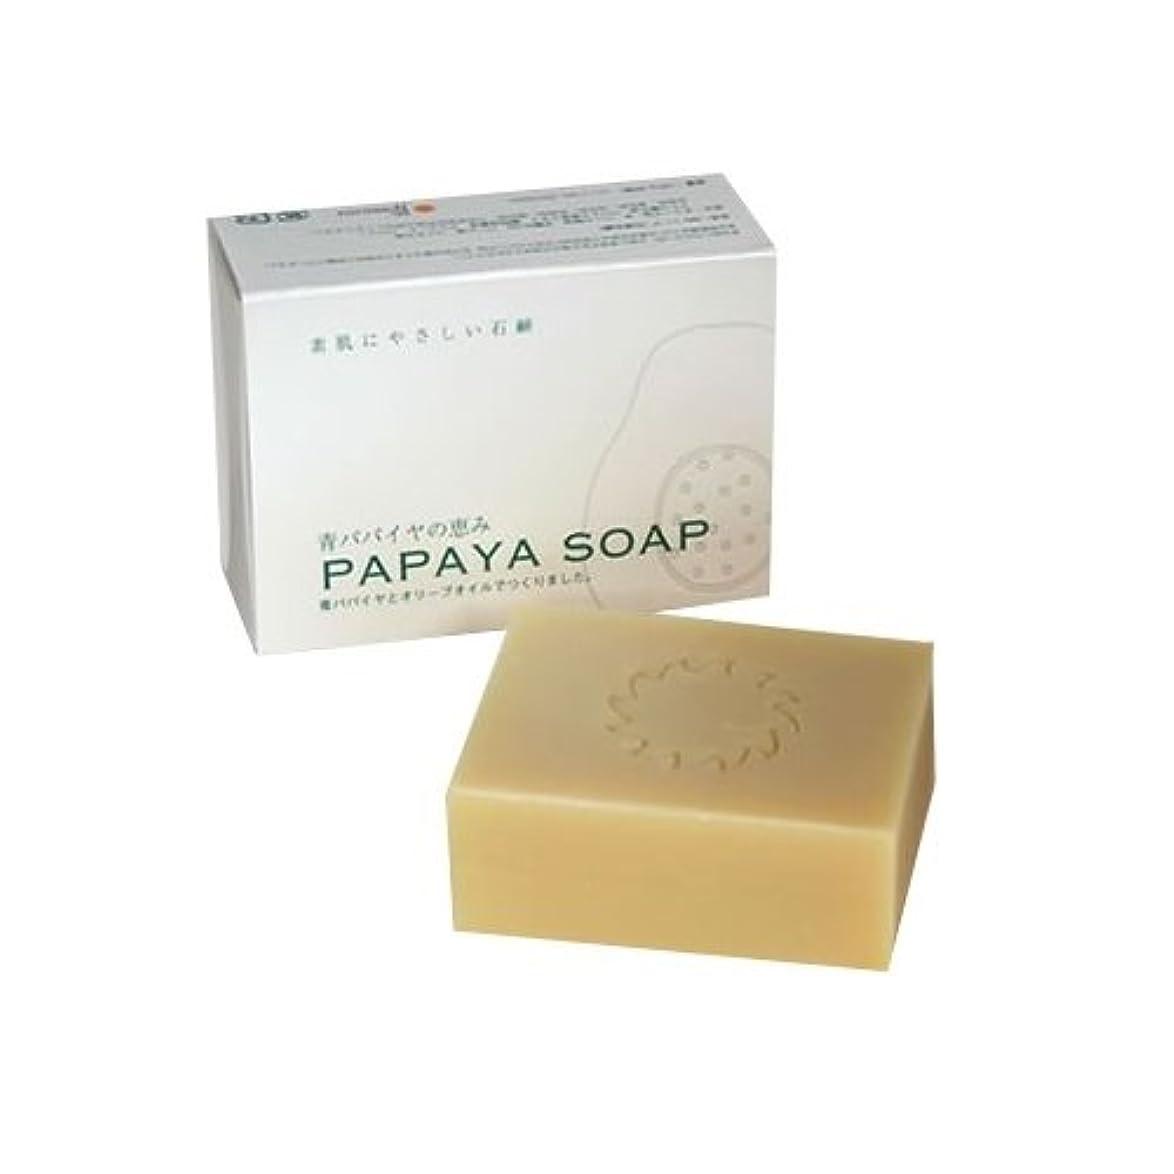 申請中結果として自体青パパイヤの恵み PAPAYA SOAP(パパイヤソープ) 100g